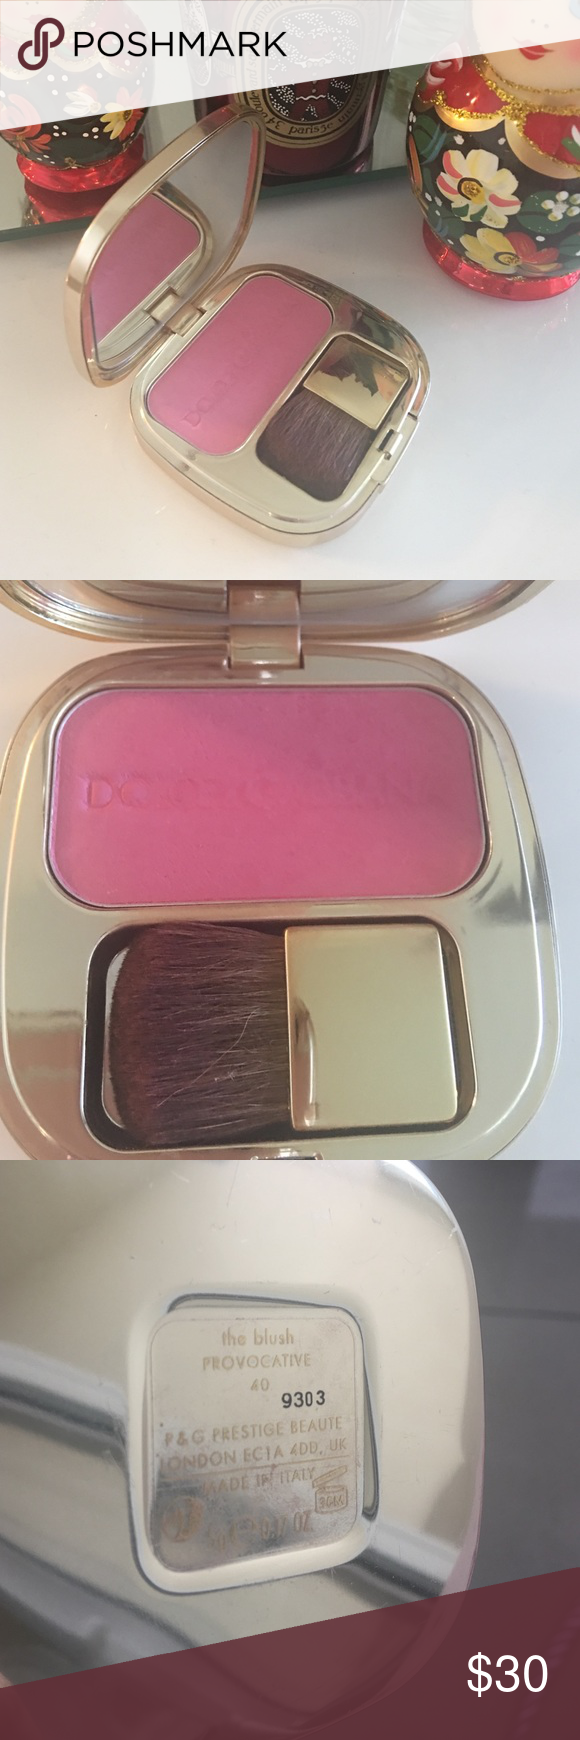 Dolce & Gabbana blush 40 provocative Blush in pink color 40 provocative. Almost no use Dolce & Gabbana Makeup Blush